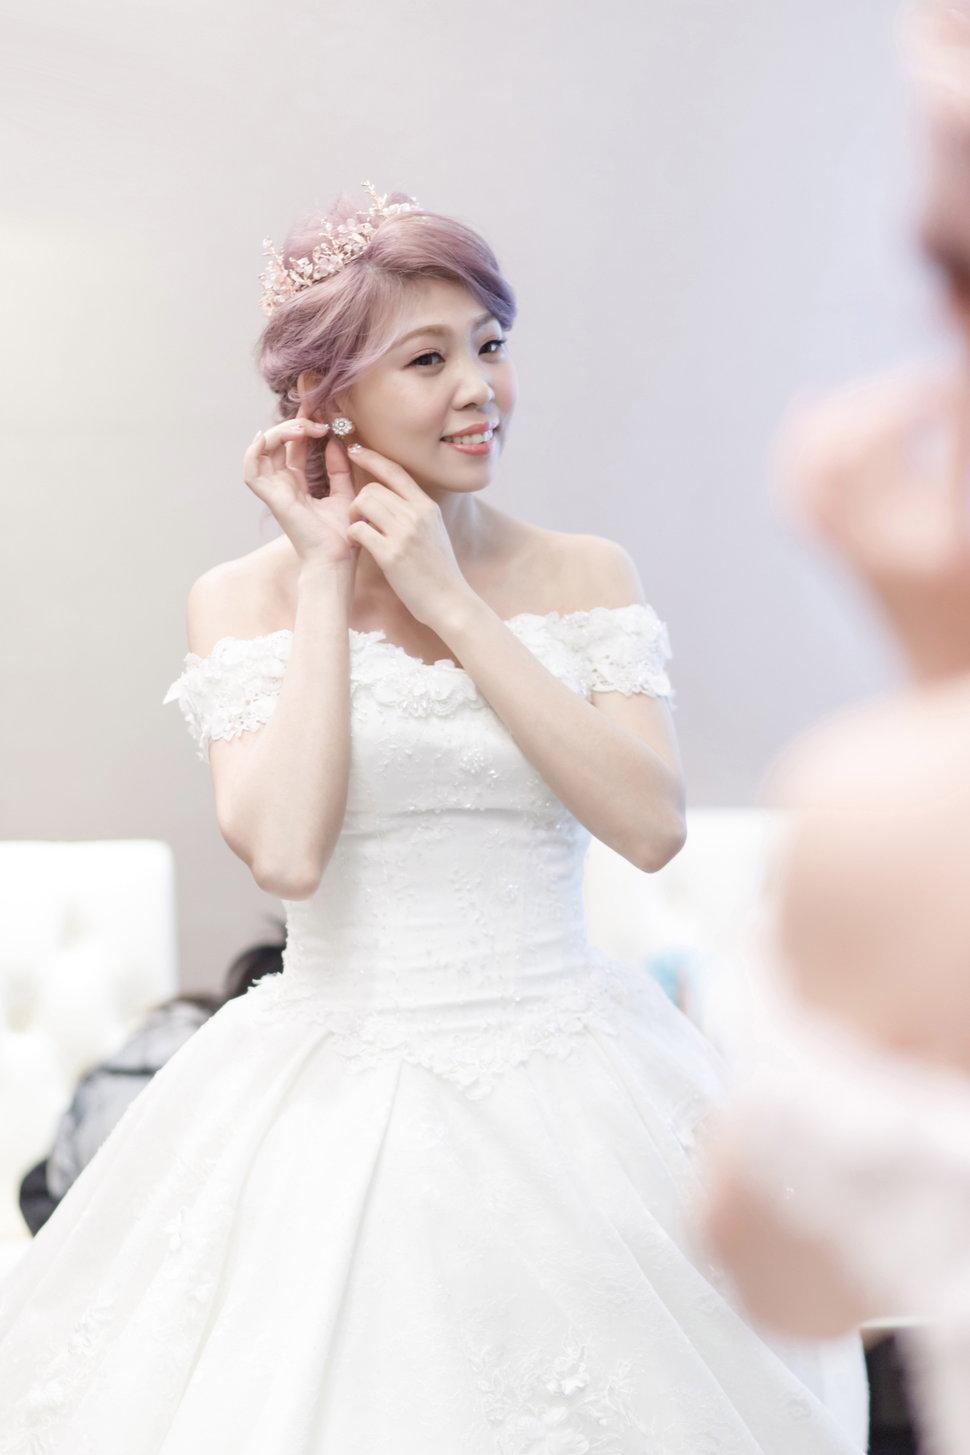 018 - 小夫妻婚攝《結婚吧》